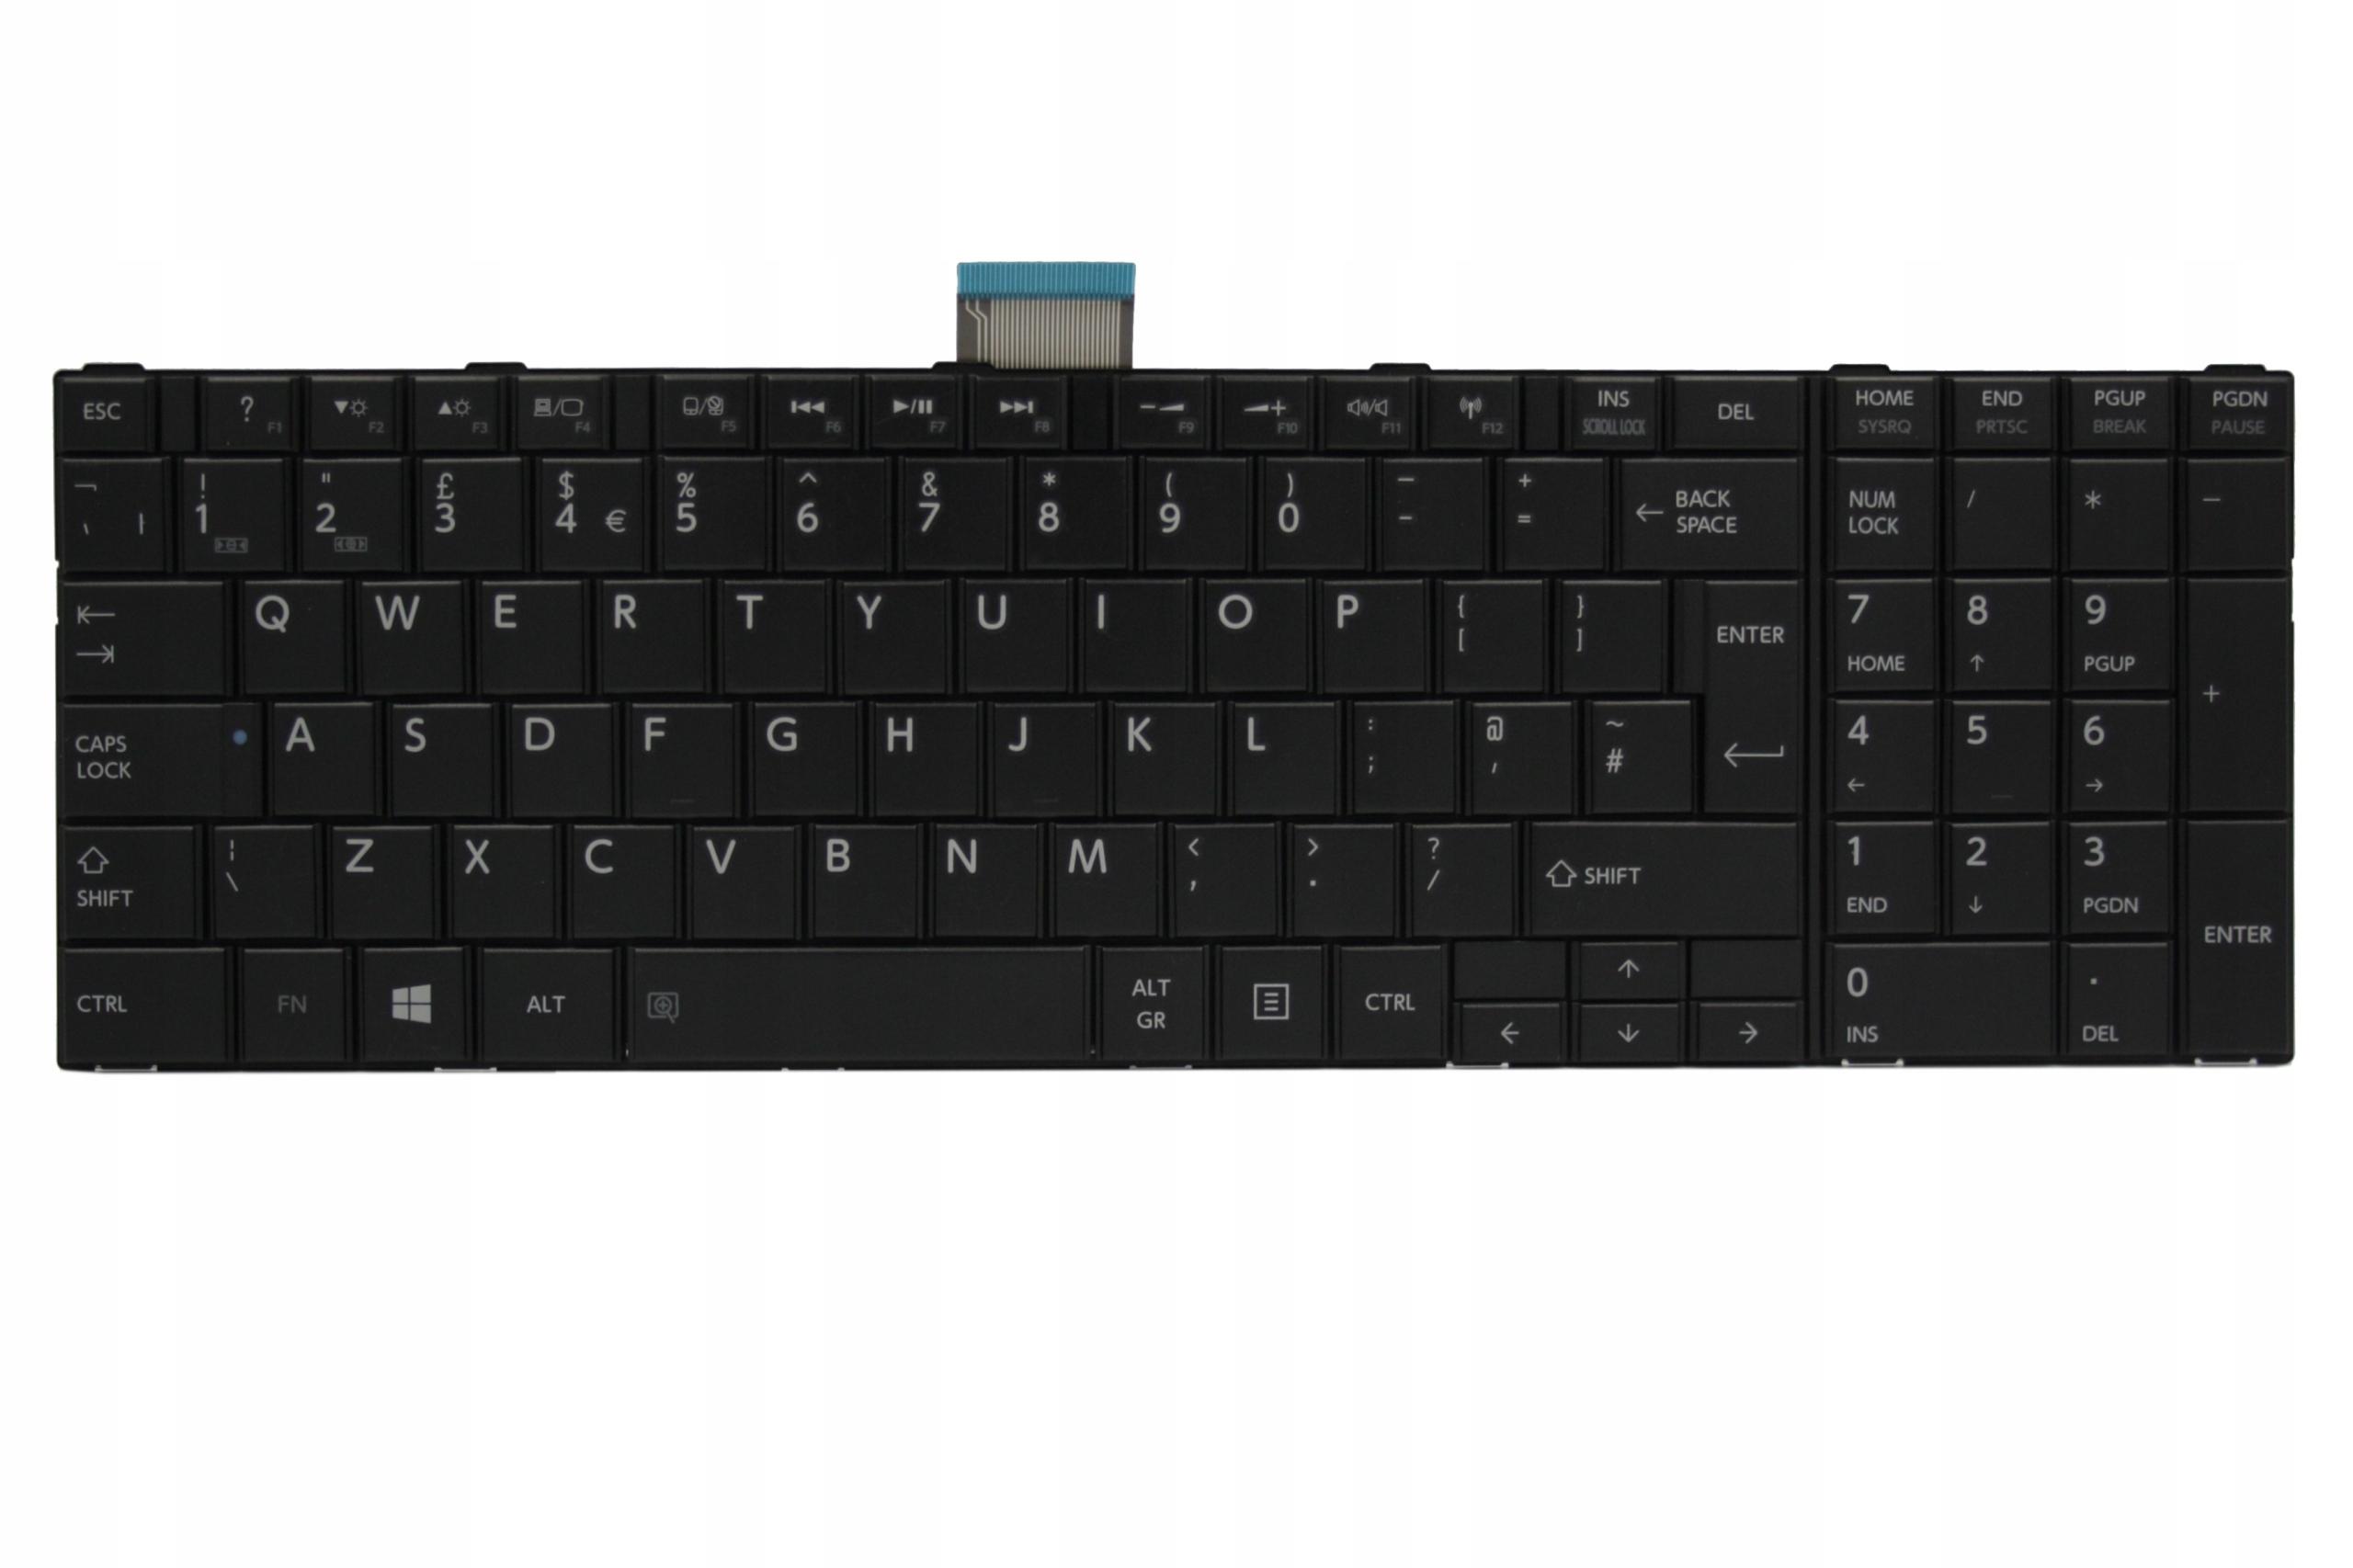 KLAWIATURA TOSHIBA C850-1C4 1C4 12R C850-12R UK MAT CZARNA - Klawiatury do laptopów